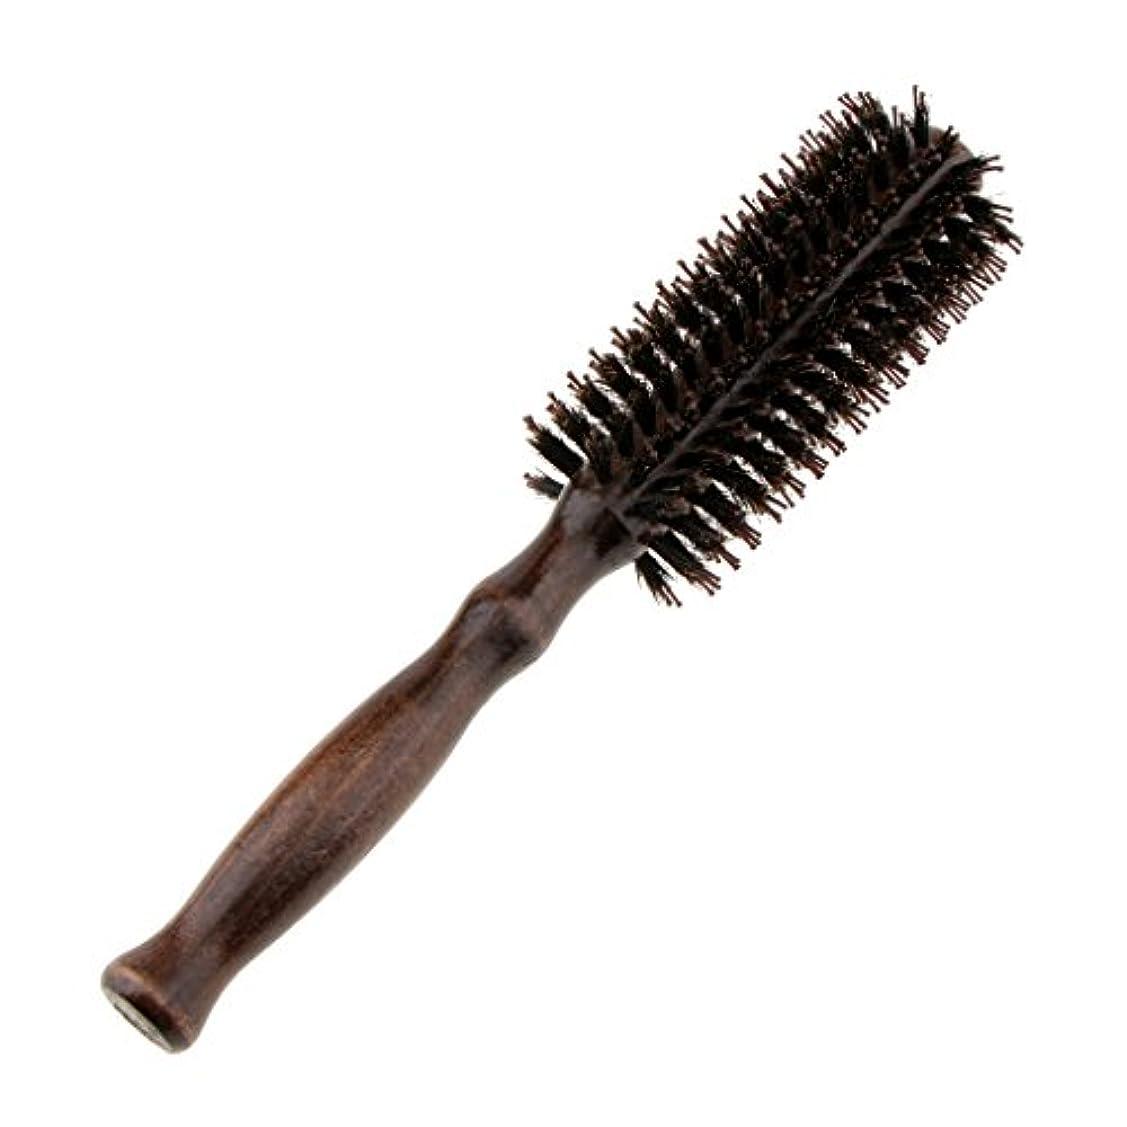 ショップ禁止チェスをするロールブラシ ヘアブラシ ラウンド ウッド ハンドル 理髪 美容 カール 2タイプ選べる - #1